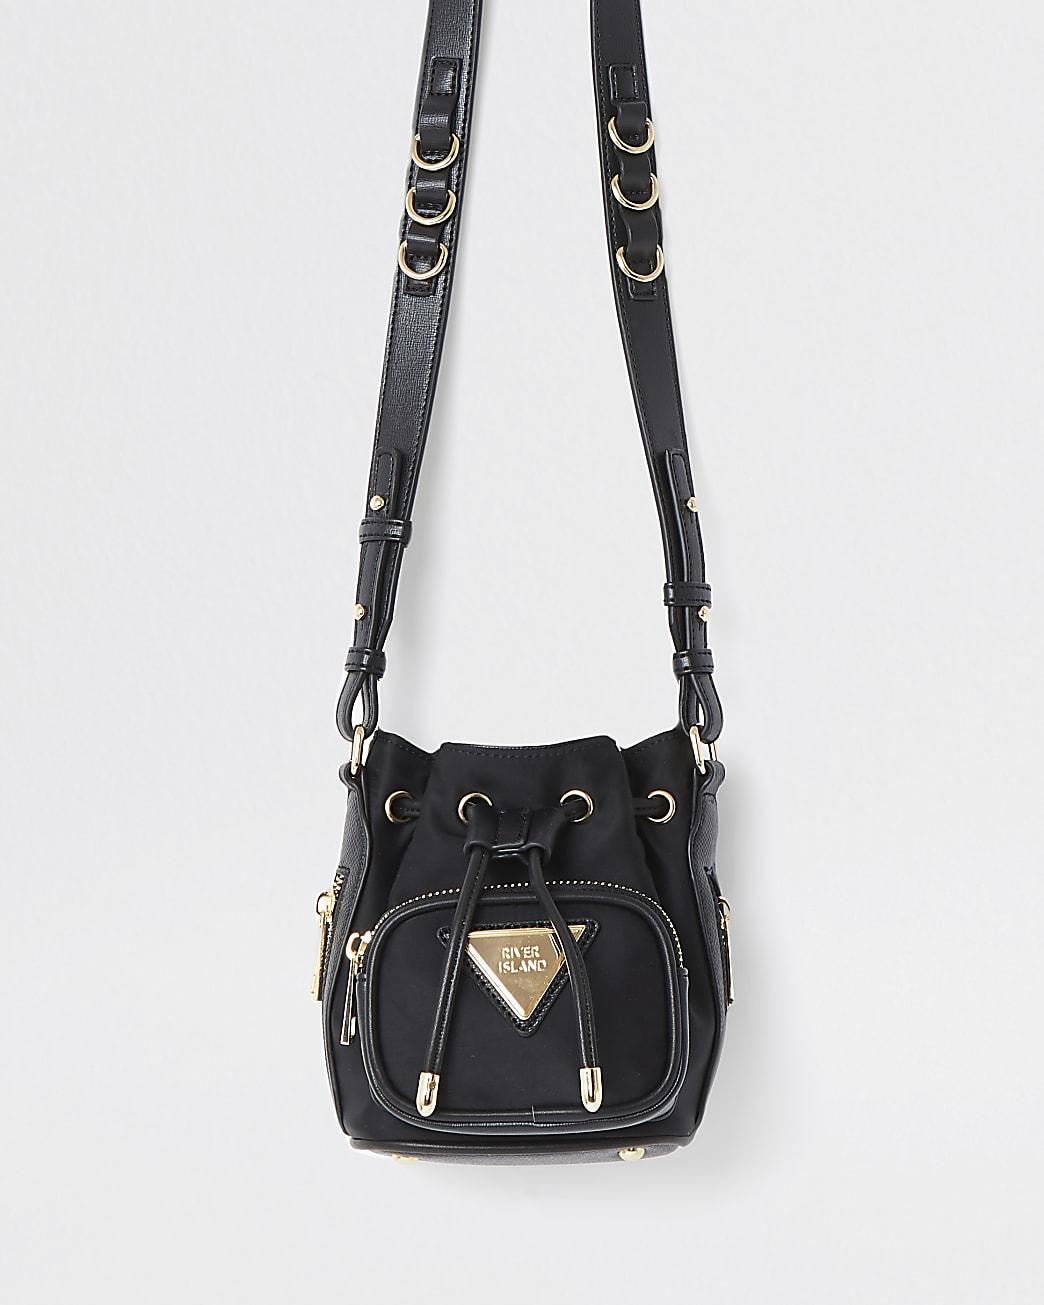 Black satin mini duffle bag